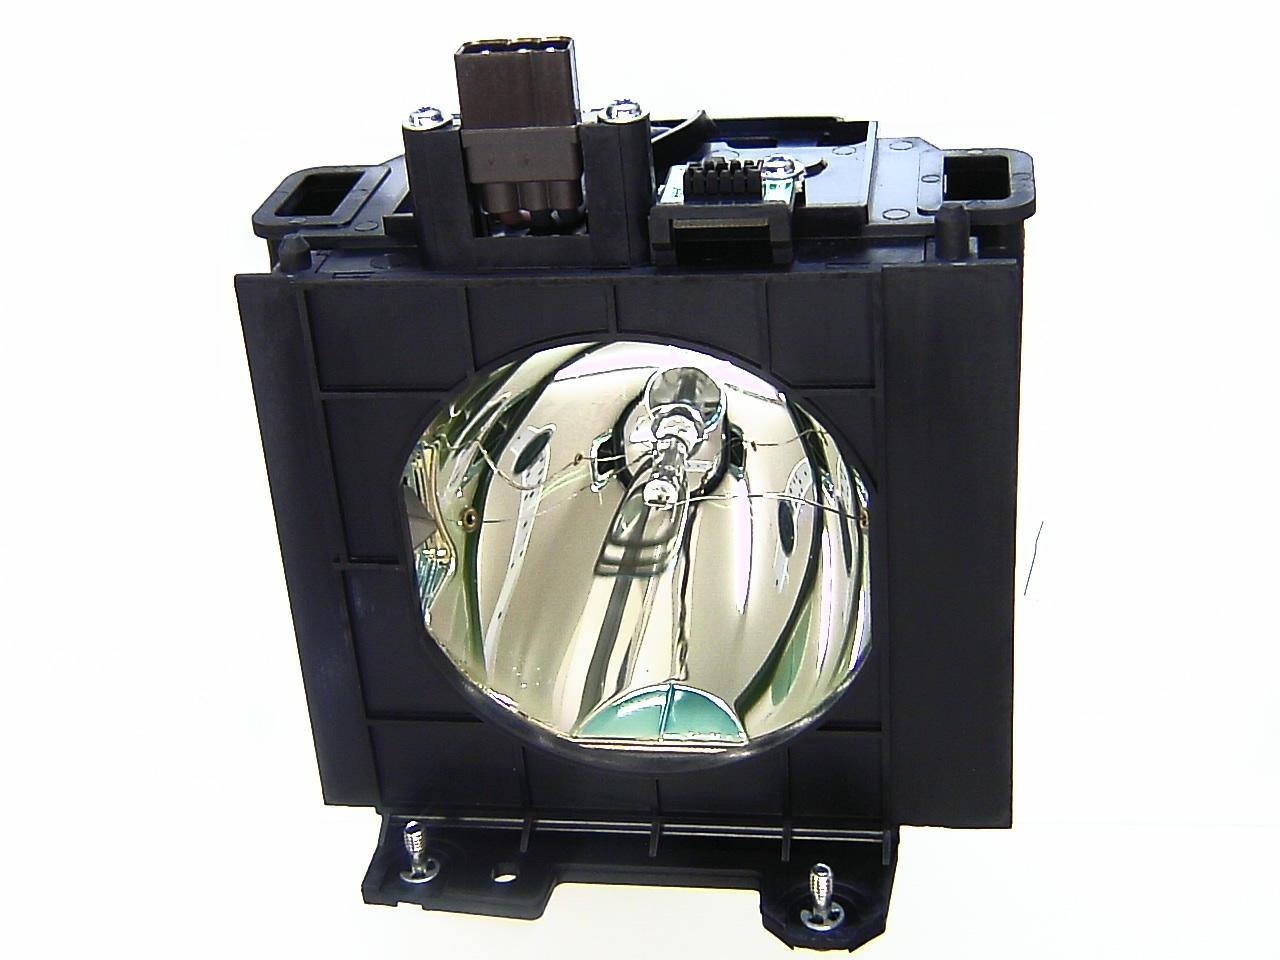 Original Simple Lámpara For PANASONIC PT-D4000 Proyector.